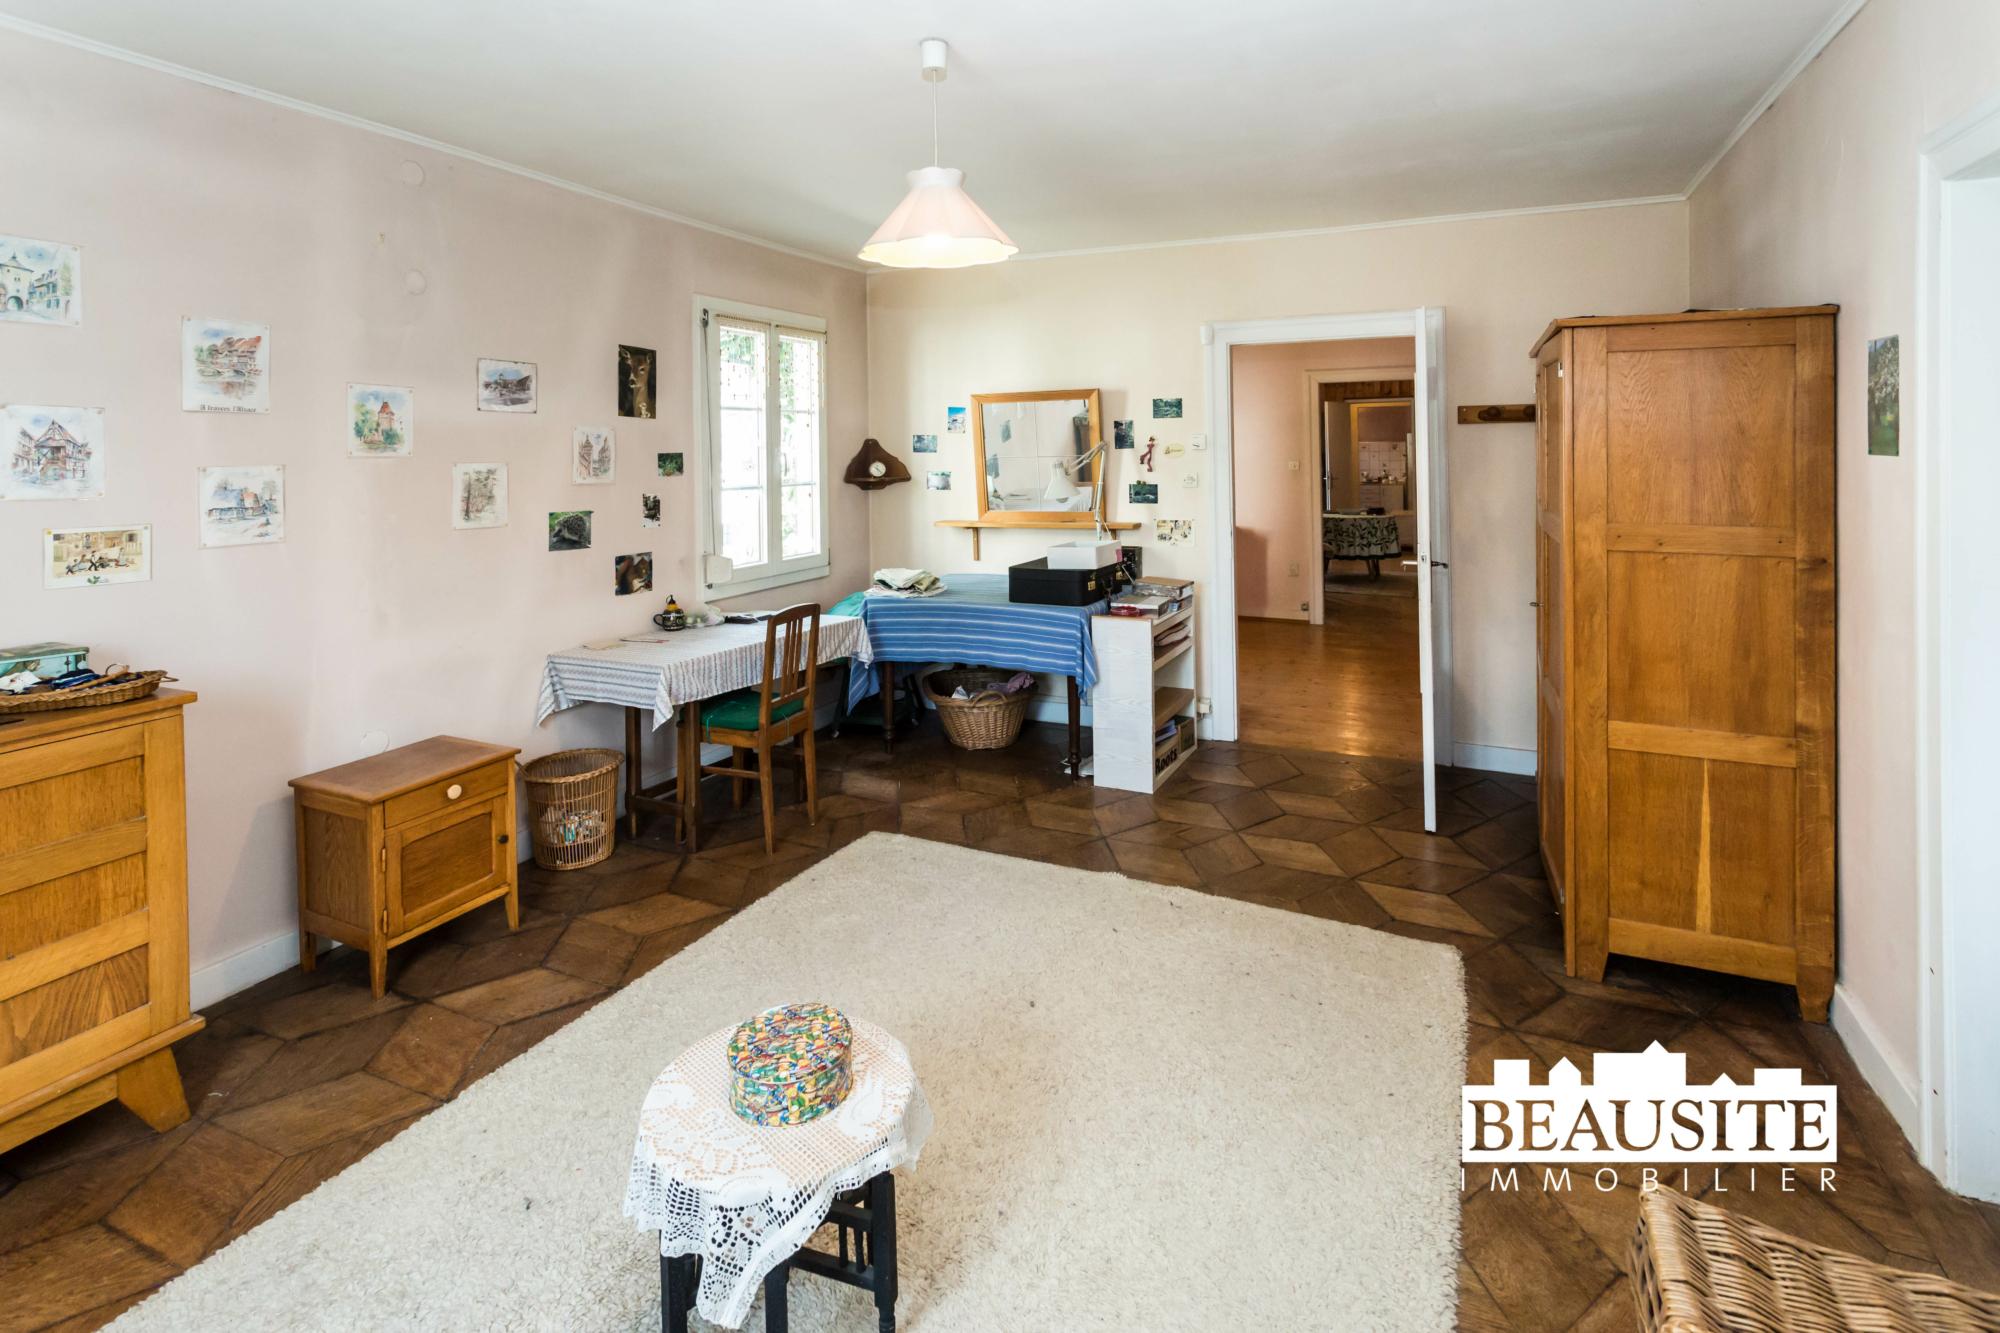 [Eden] Une maison au cœur du Neudorf et son jardin luxuriant - Neudorf / rue Saint-Urbain - nos ventes - Beausite Immobilier 18